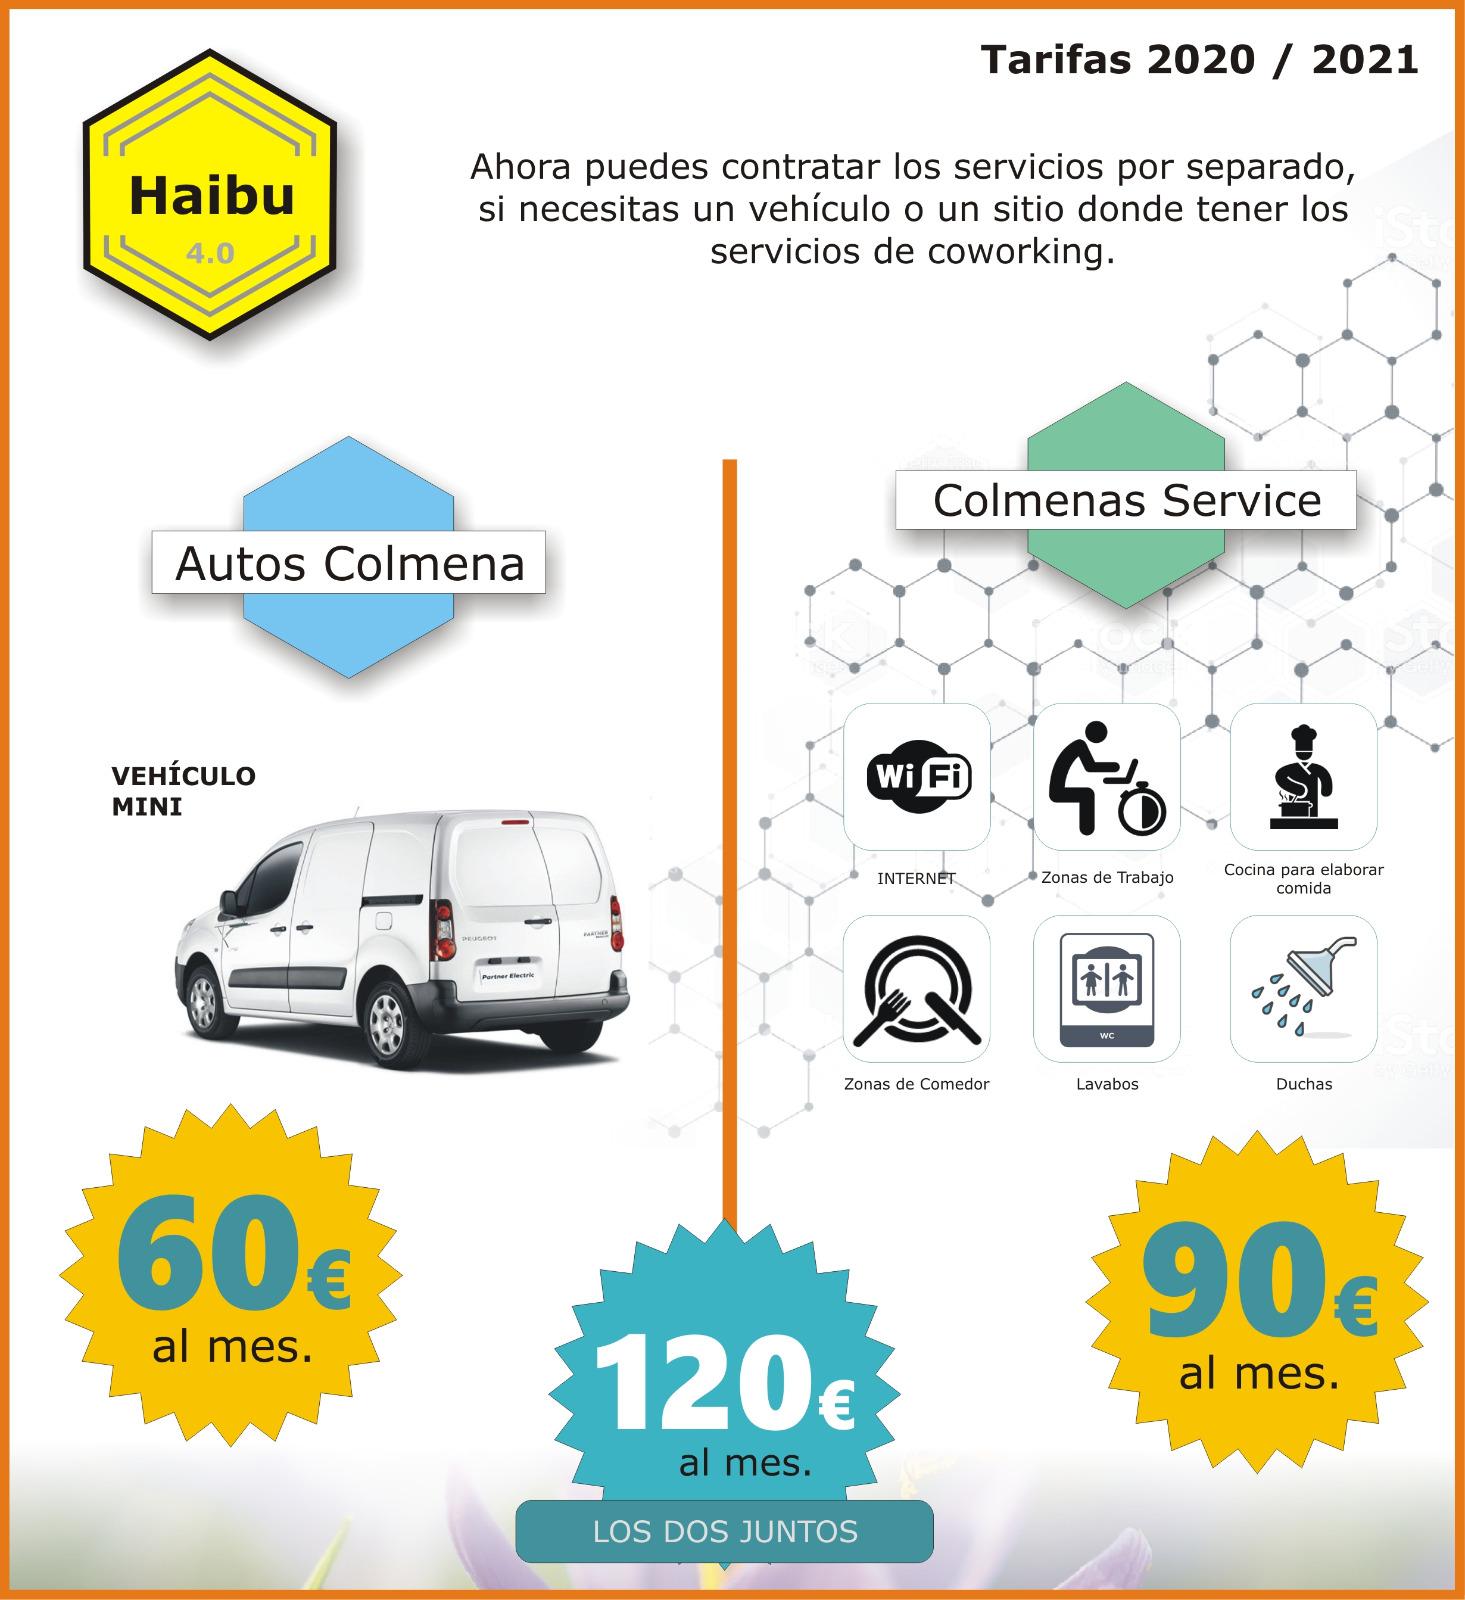 Folheto com os serviços que oferece a Haibu 4.0